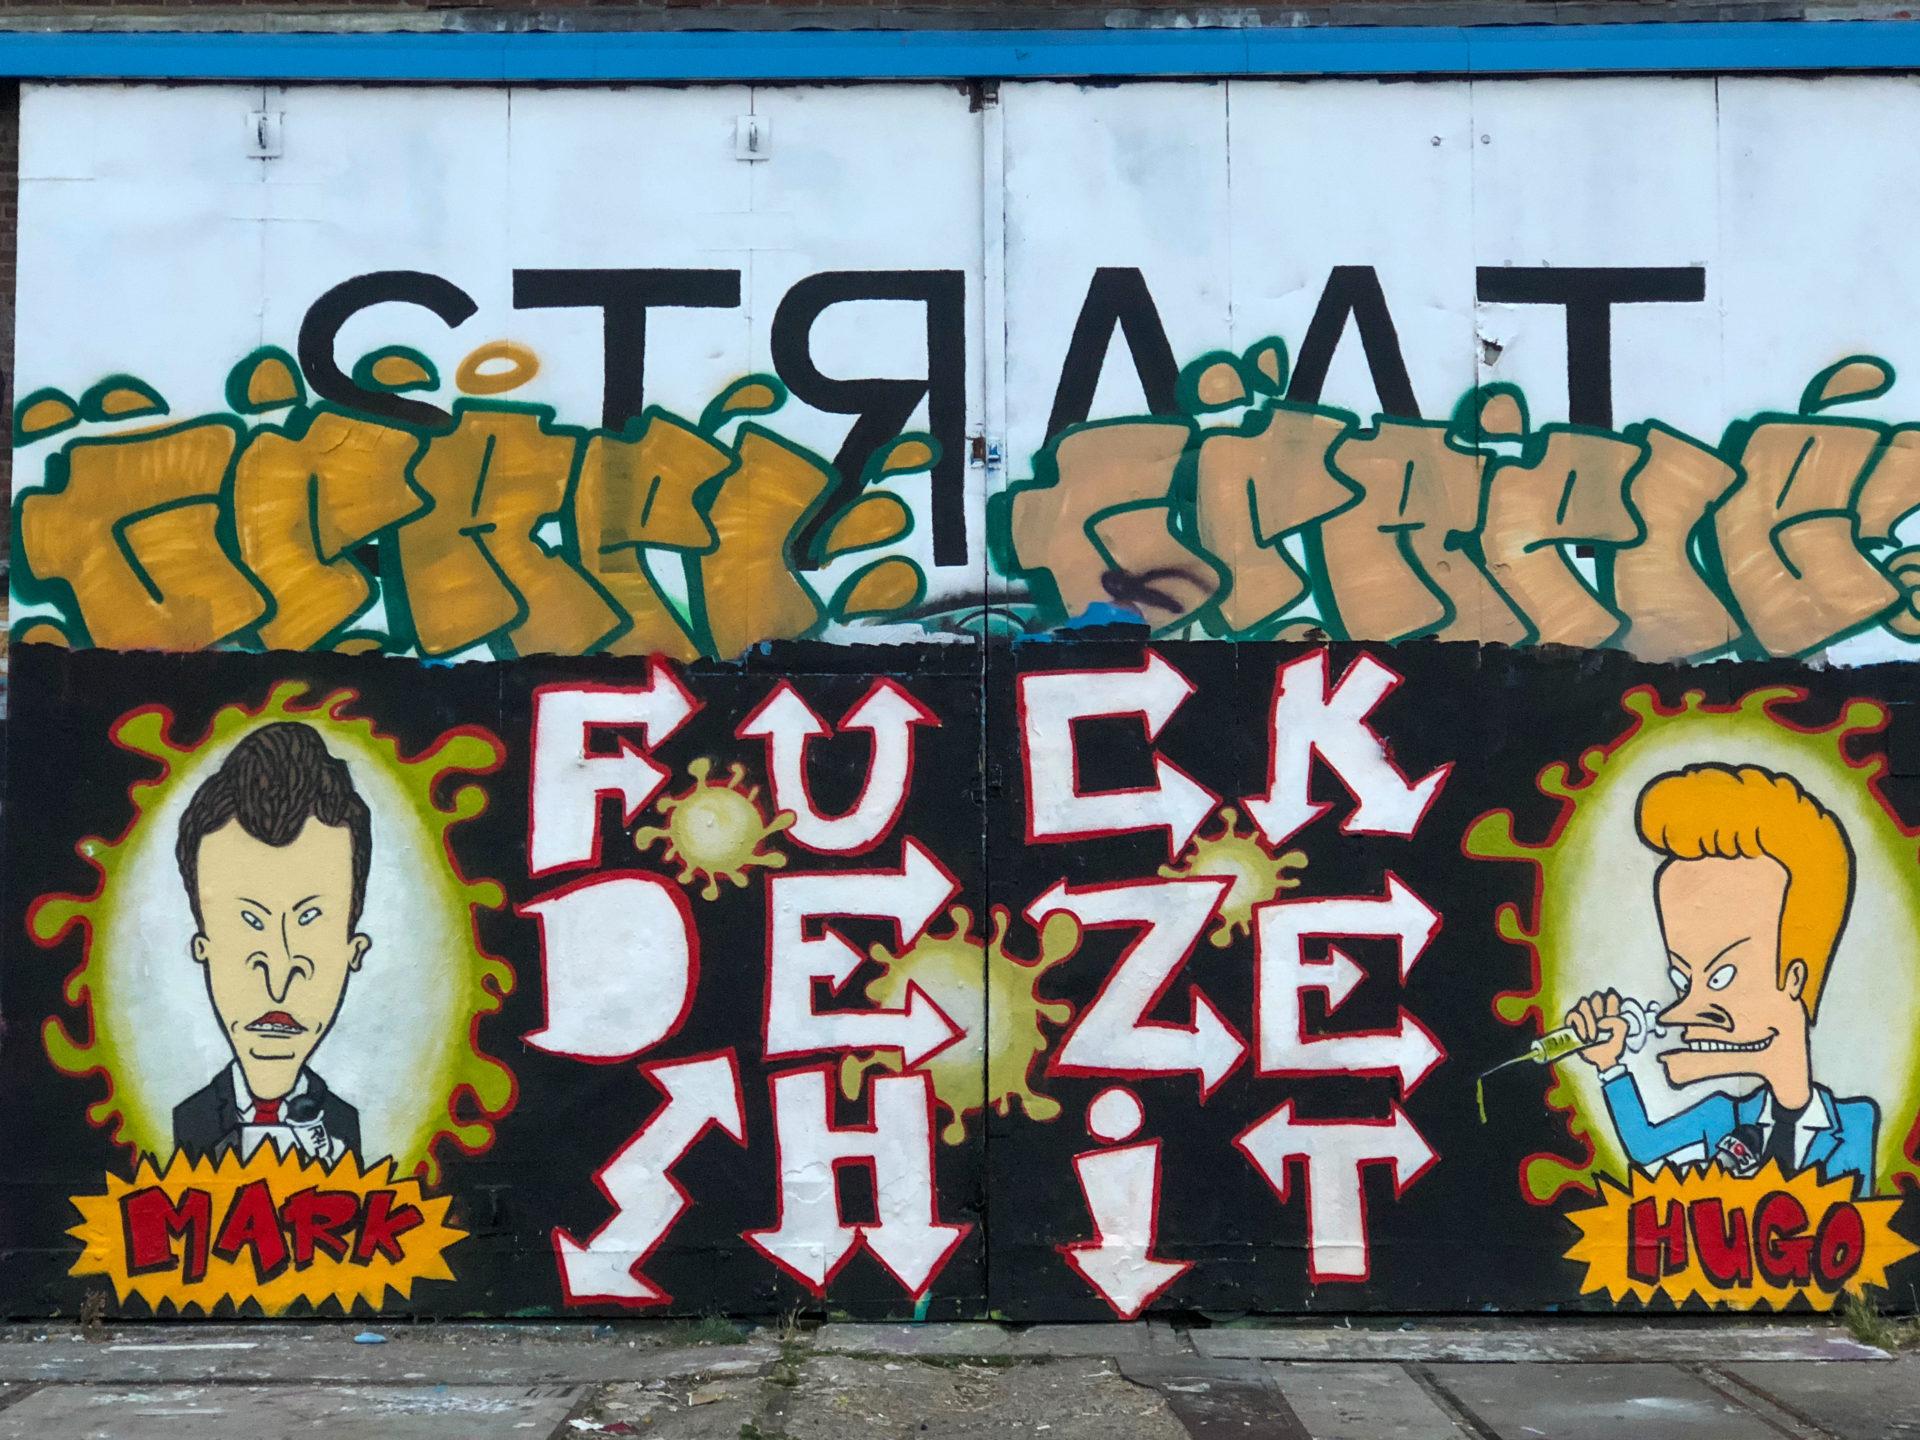 Street Art mit Beavis and Butthead als Mark Rutte und Hugo de Jonge im coolsten Viertel von Amsterdam